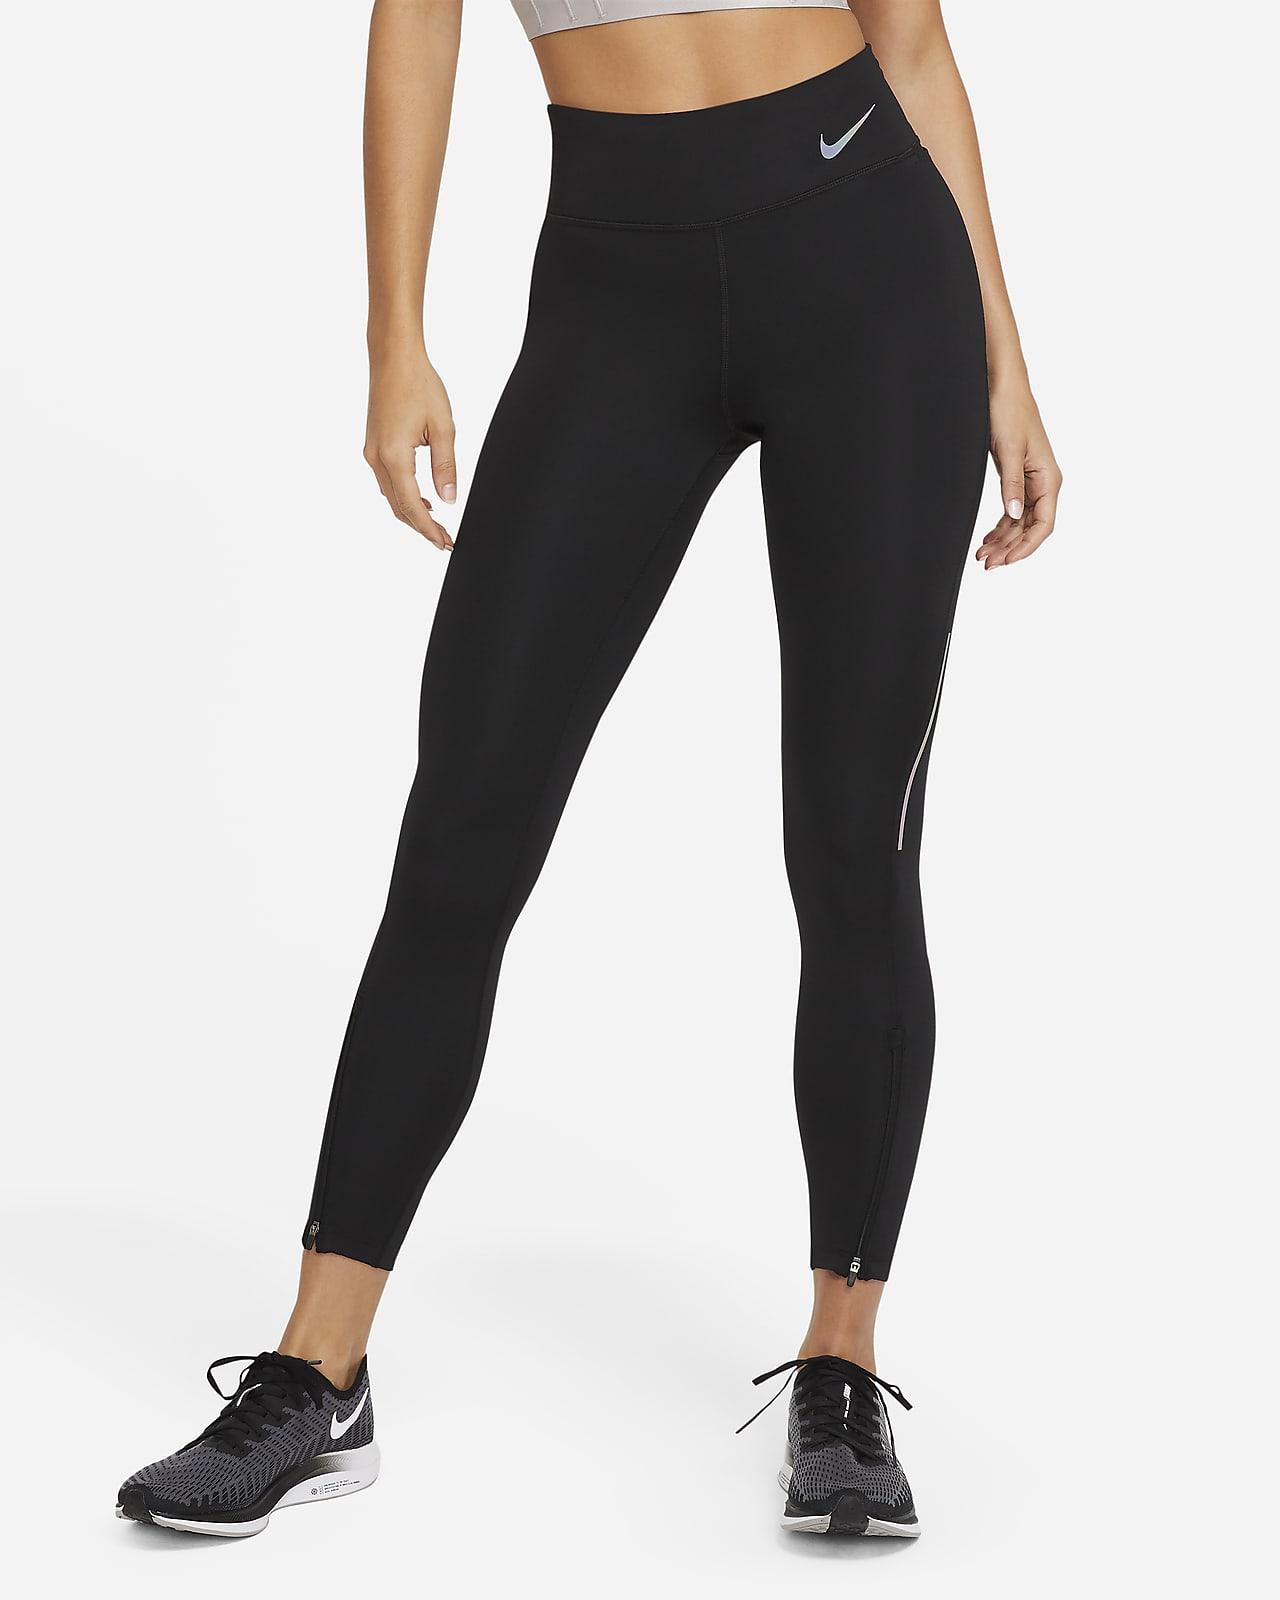 Nike Epic Faster 7/8-Lauf-Leggings mit halbhohem Bund für Damen